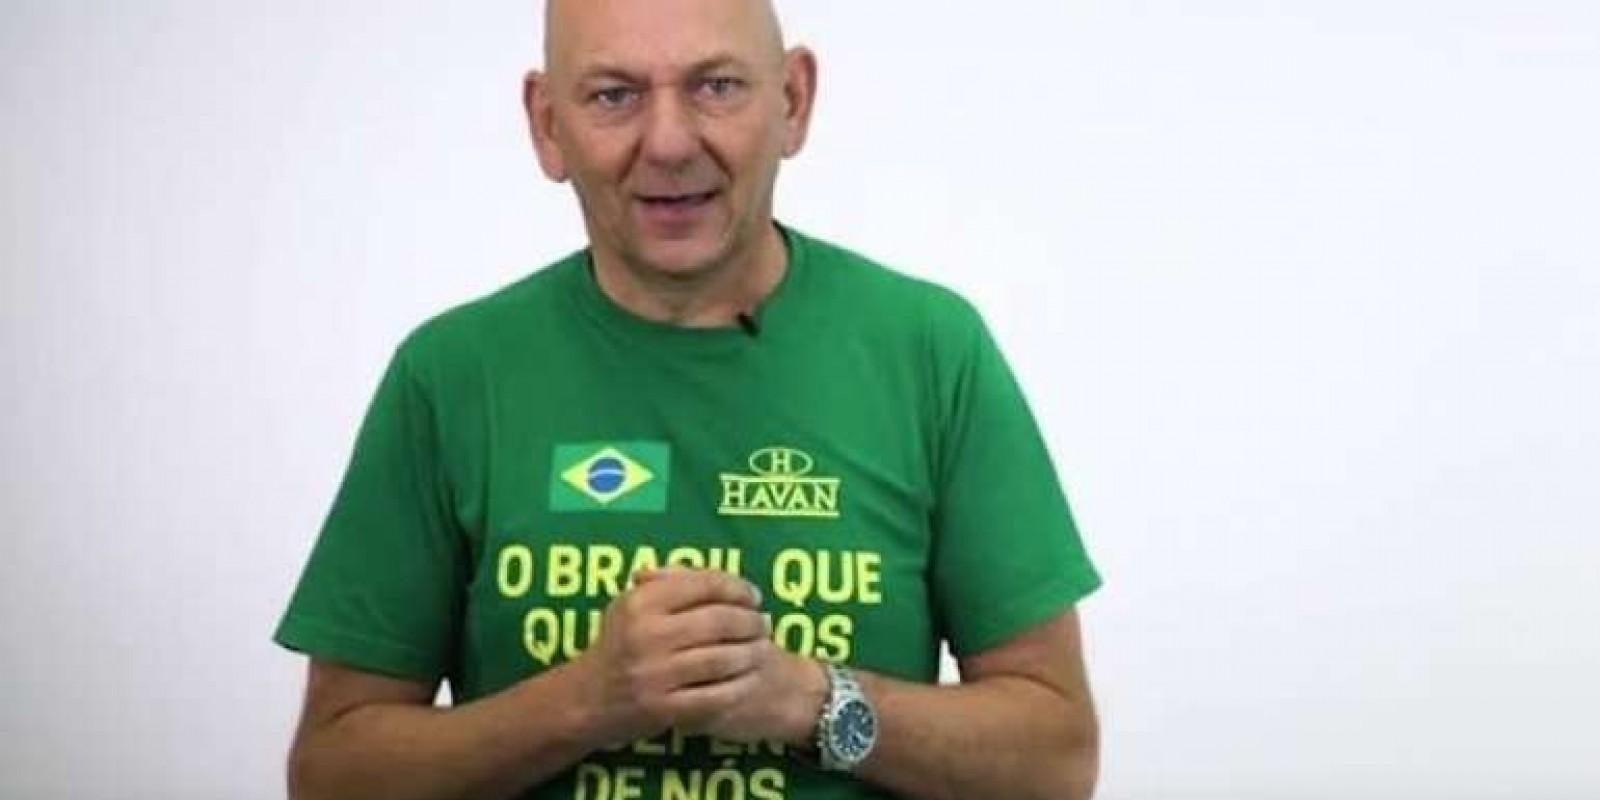 Dono da Havan terá que publicar vídeo garantindo direito de empregados escolherem candidatos